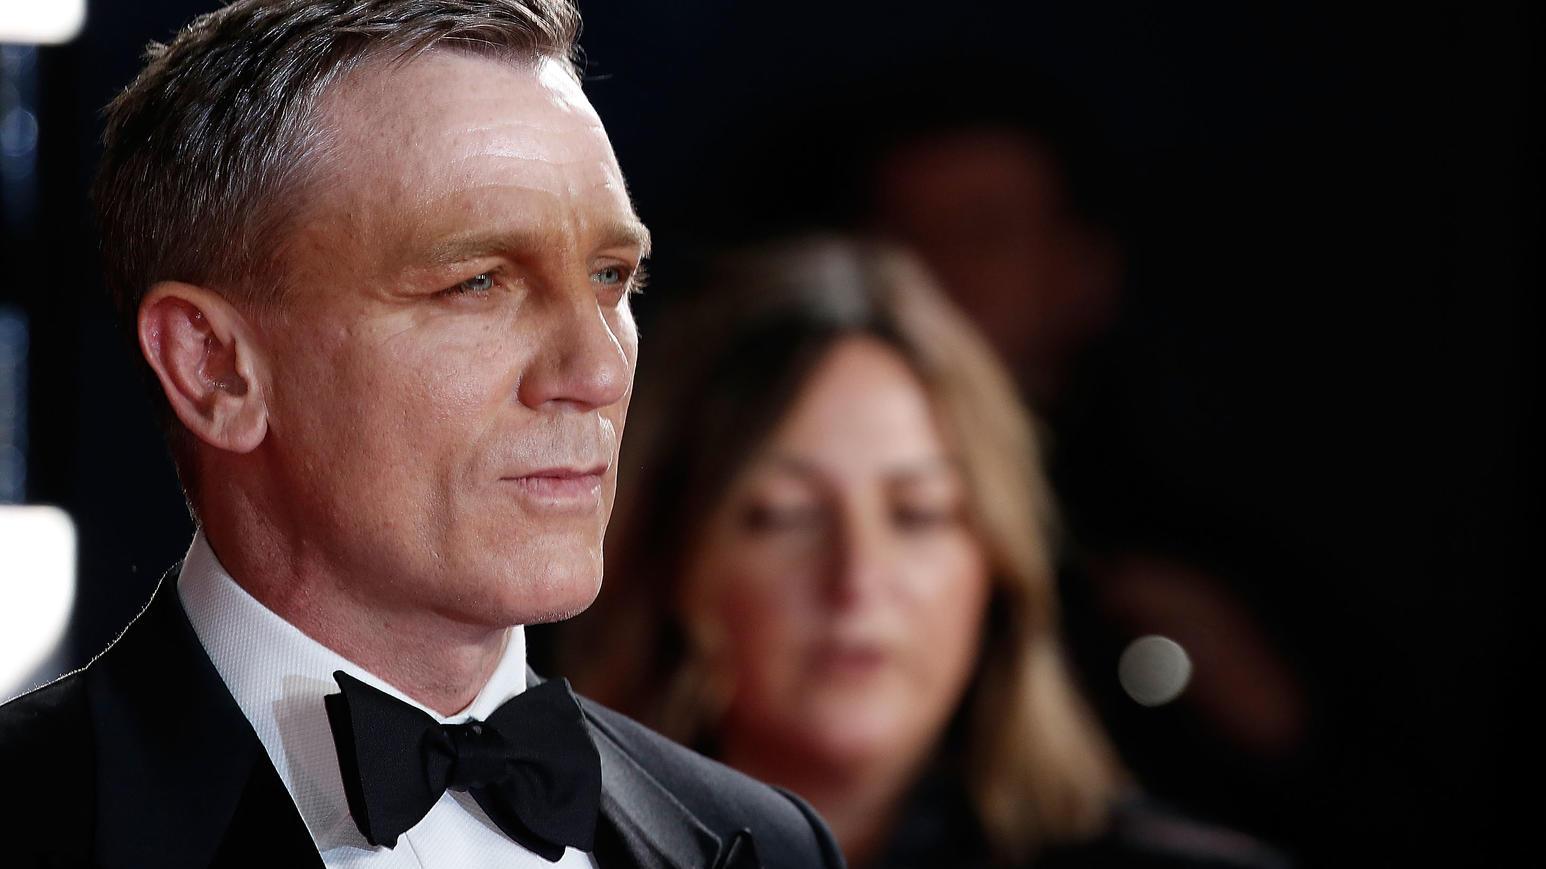 Neuer James Bond Film Kommt 2019 Sind Daniel Craig Und Adele Dabei